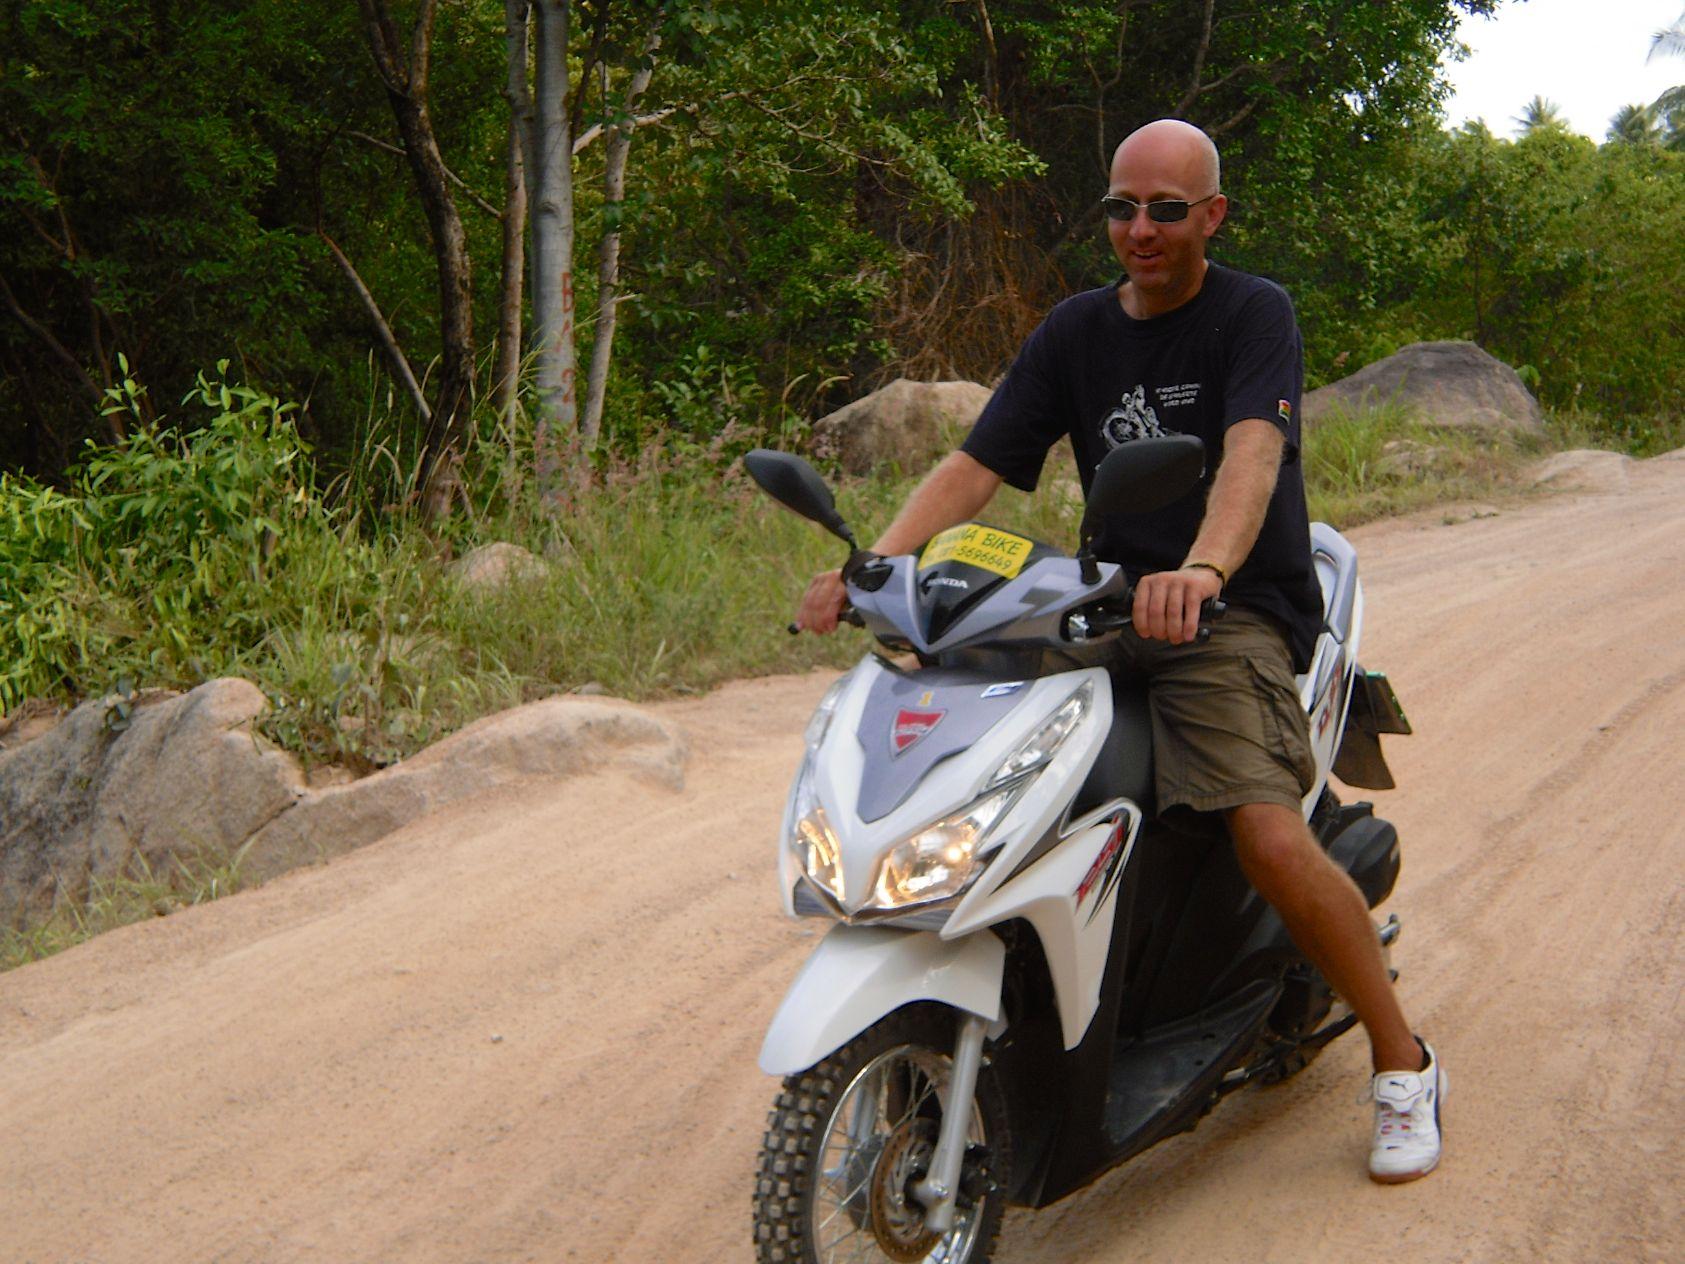 Besser kein Scooter auf Koh Tao mieten